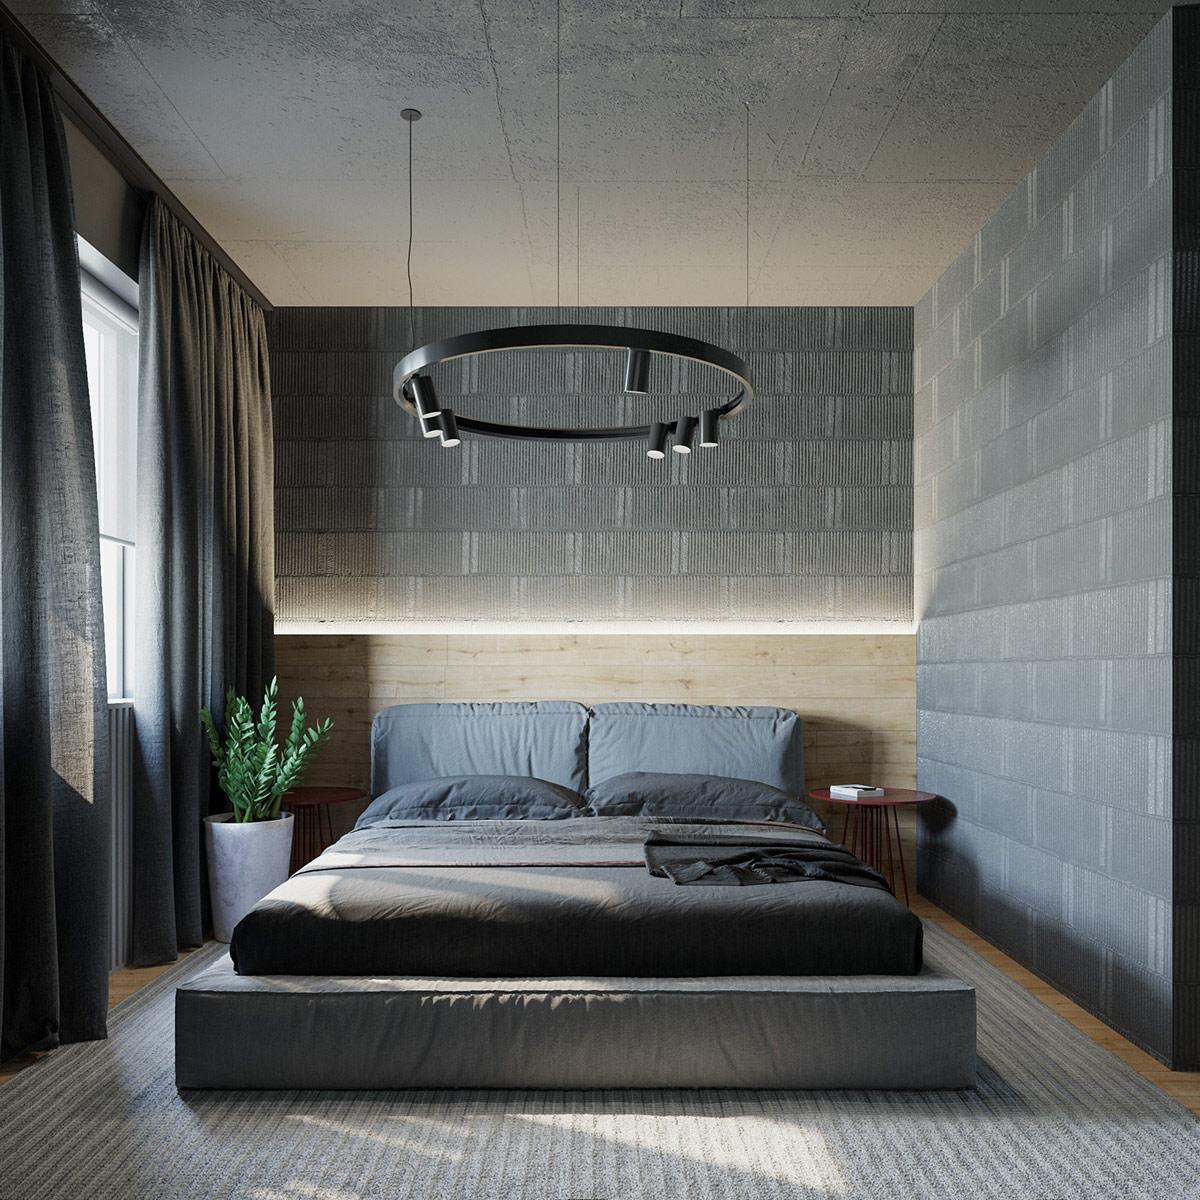 热情红与高级灰演绎现代家居设计